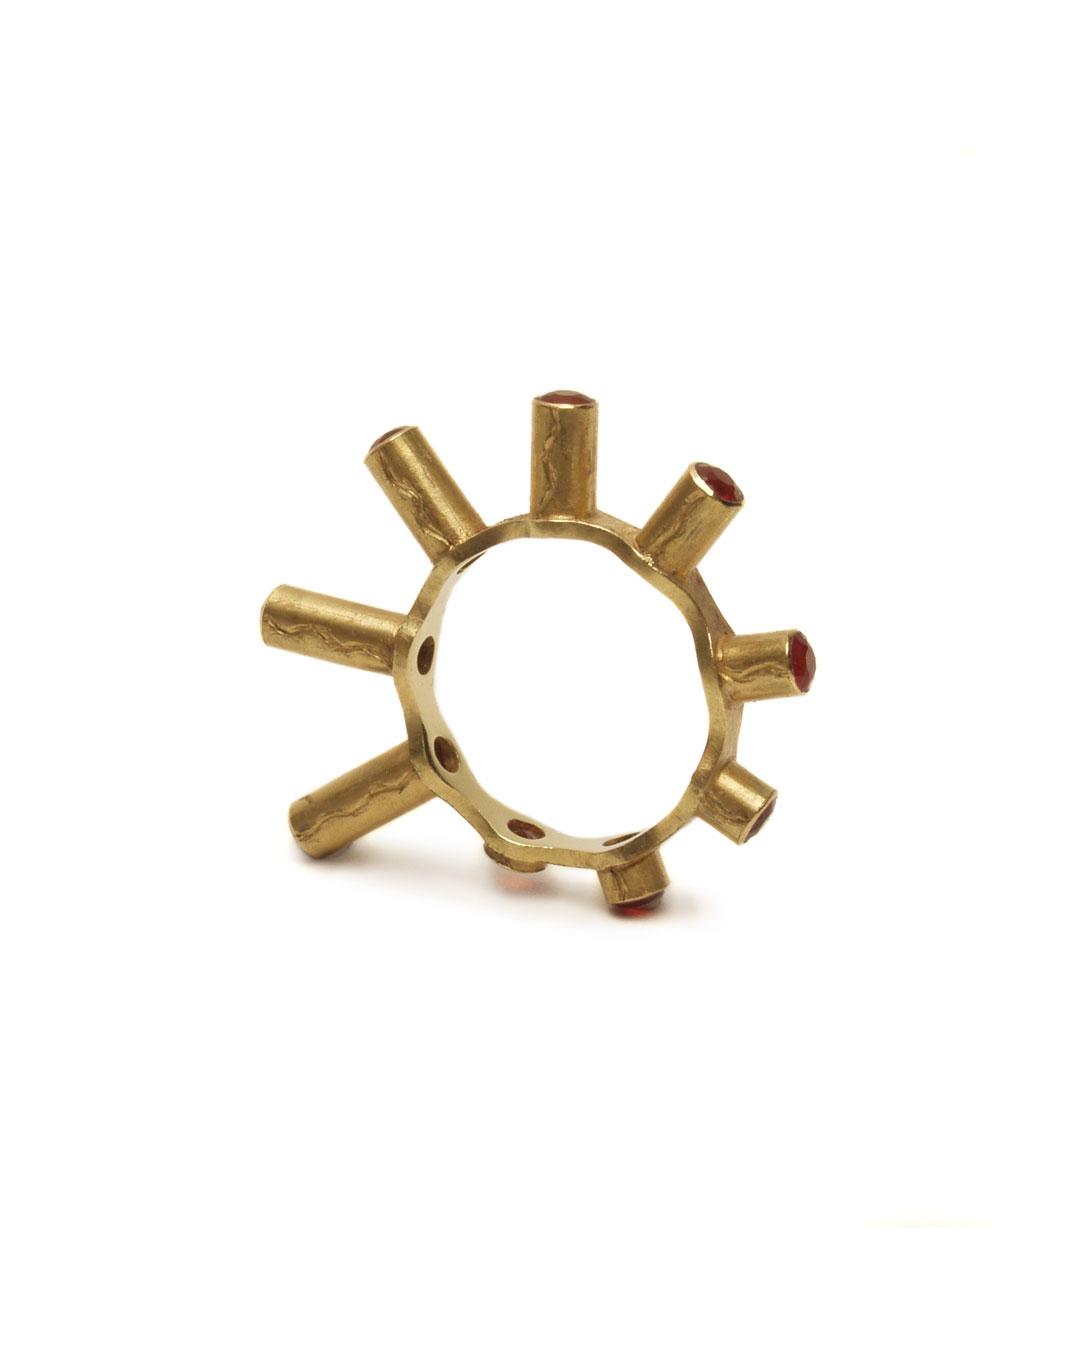 Julie Mollenhauer, untitled, 1993, ring; gold, fire opal, ø 30 x 4 mm, €1150